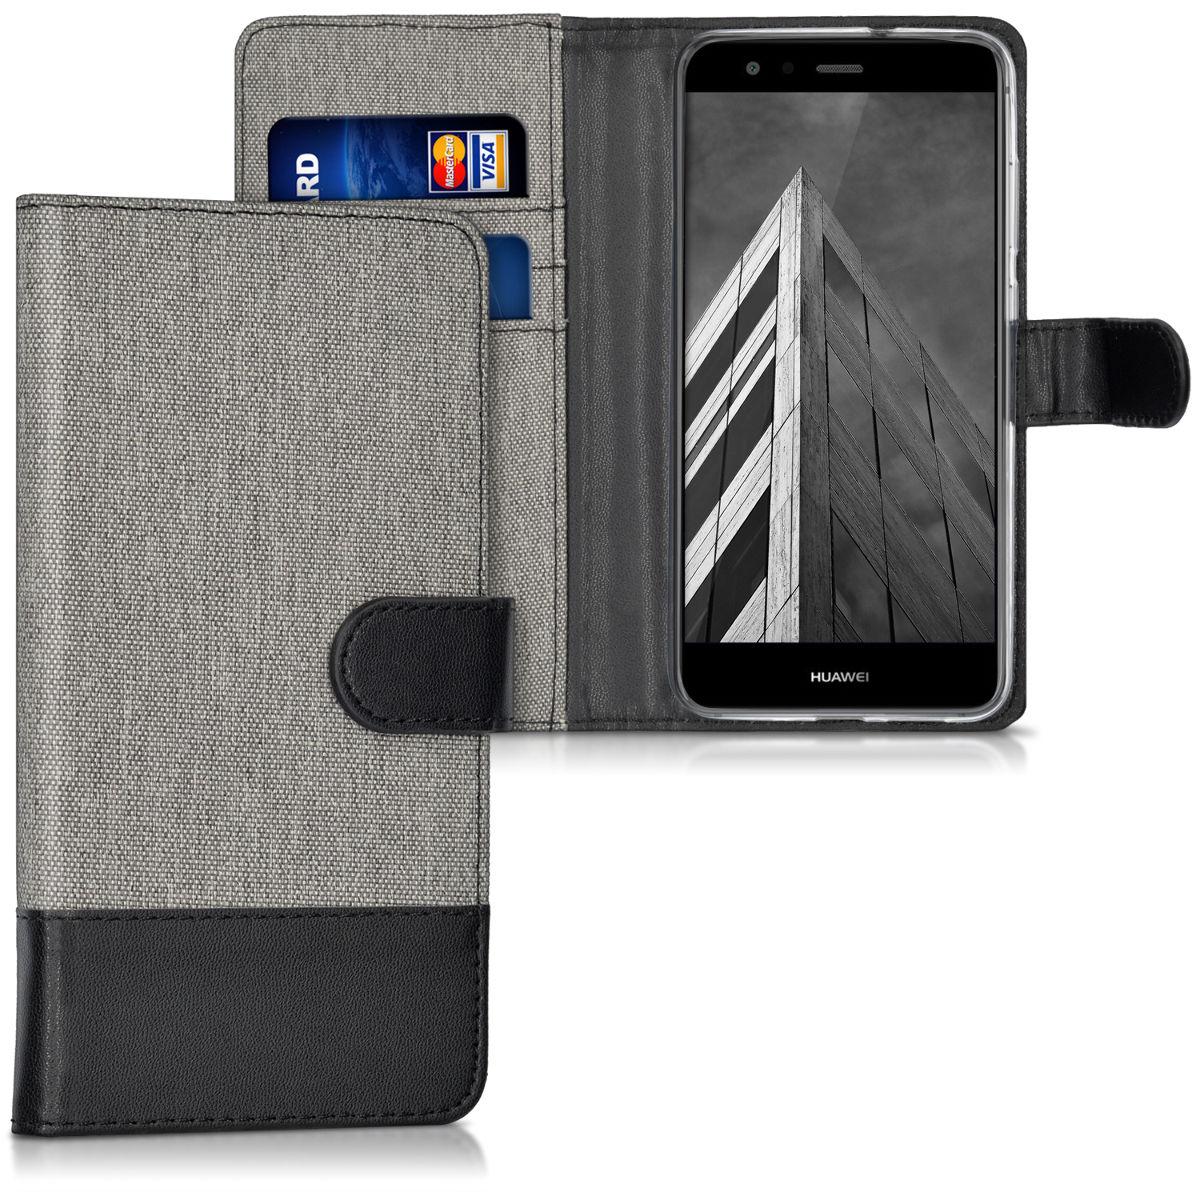 Pouzdro pro Huawei P10 Lite šedé